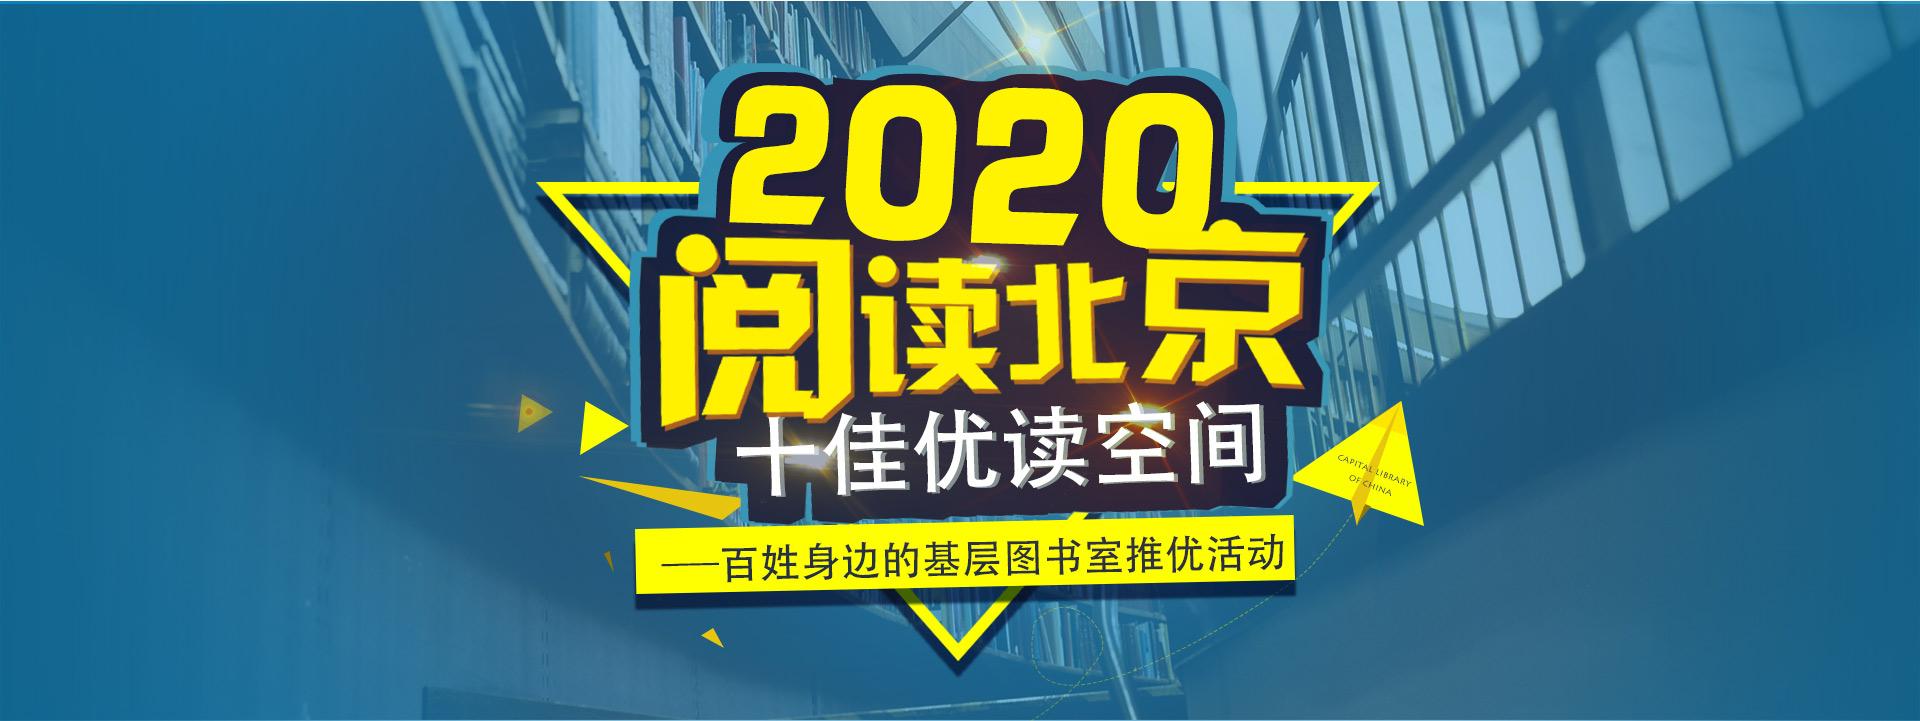 2020.'首页banner图'